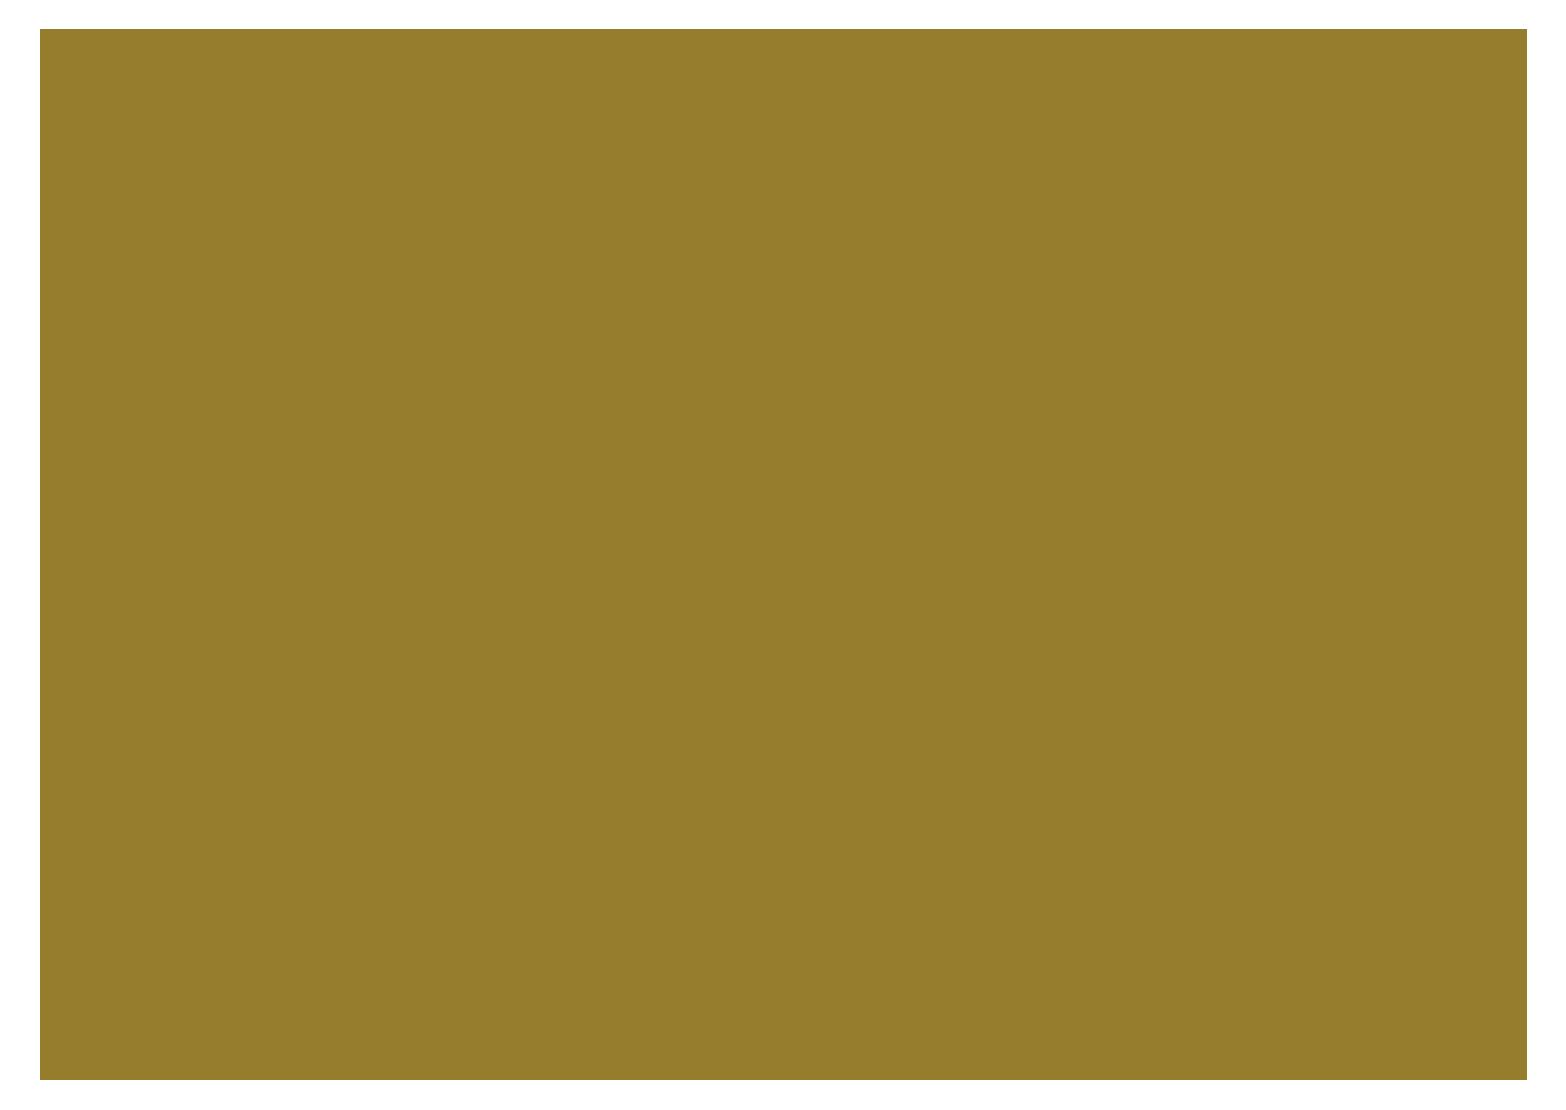 banco-central-de-la-republica-dominicana-bc